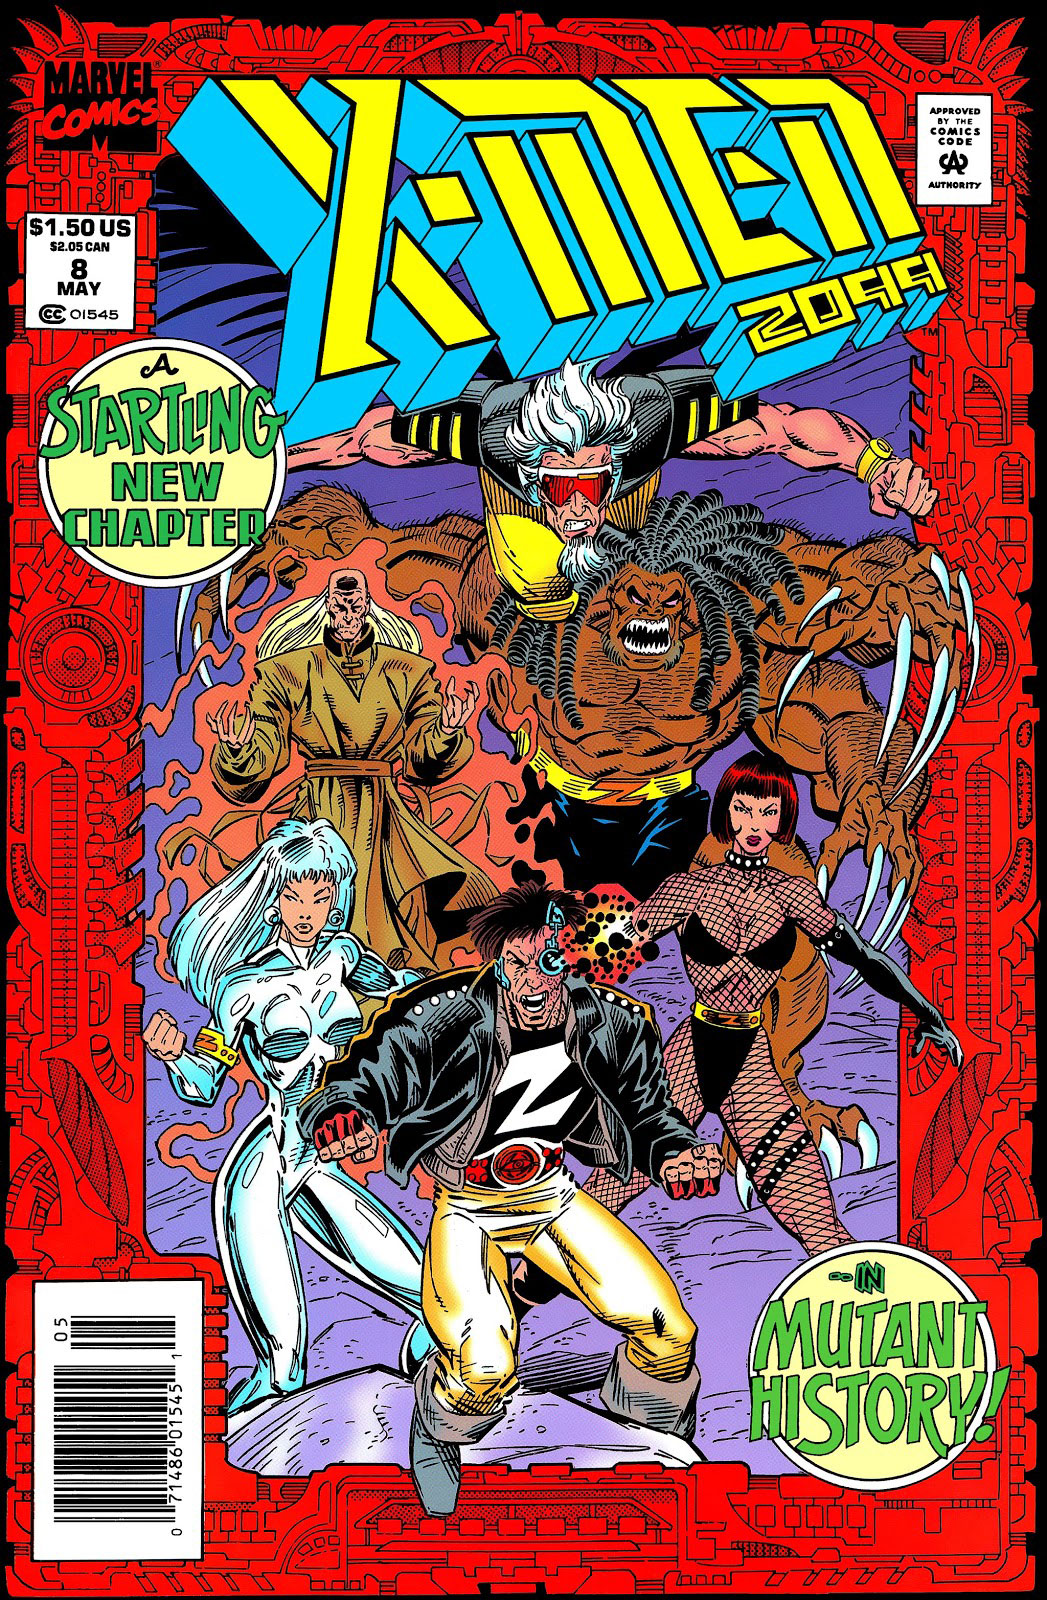 X-Men 2099 #8 Cover